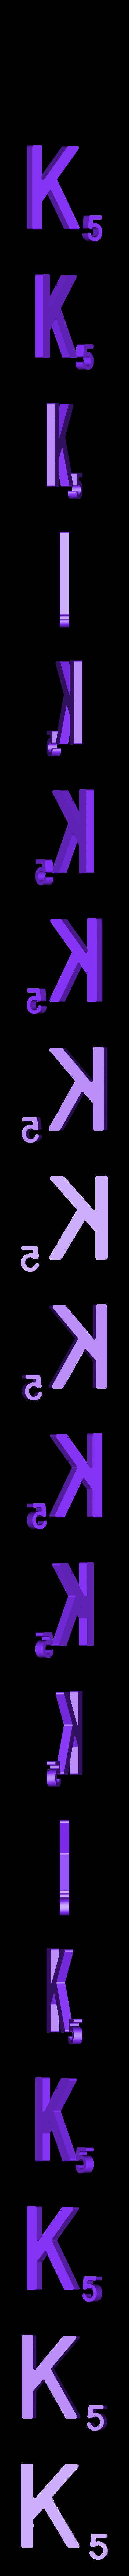 Dual_Letter_K.STL Télécharger fichier STL gratuit Pièces et support SCRABBBLE • Design pour imprimante 3D, Balkhagal4D